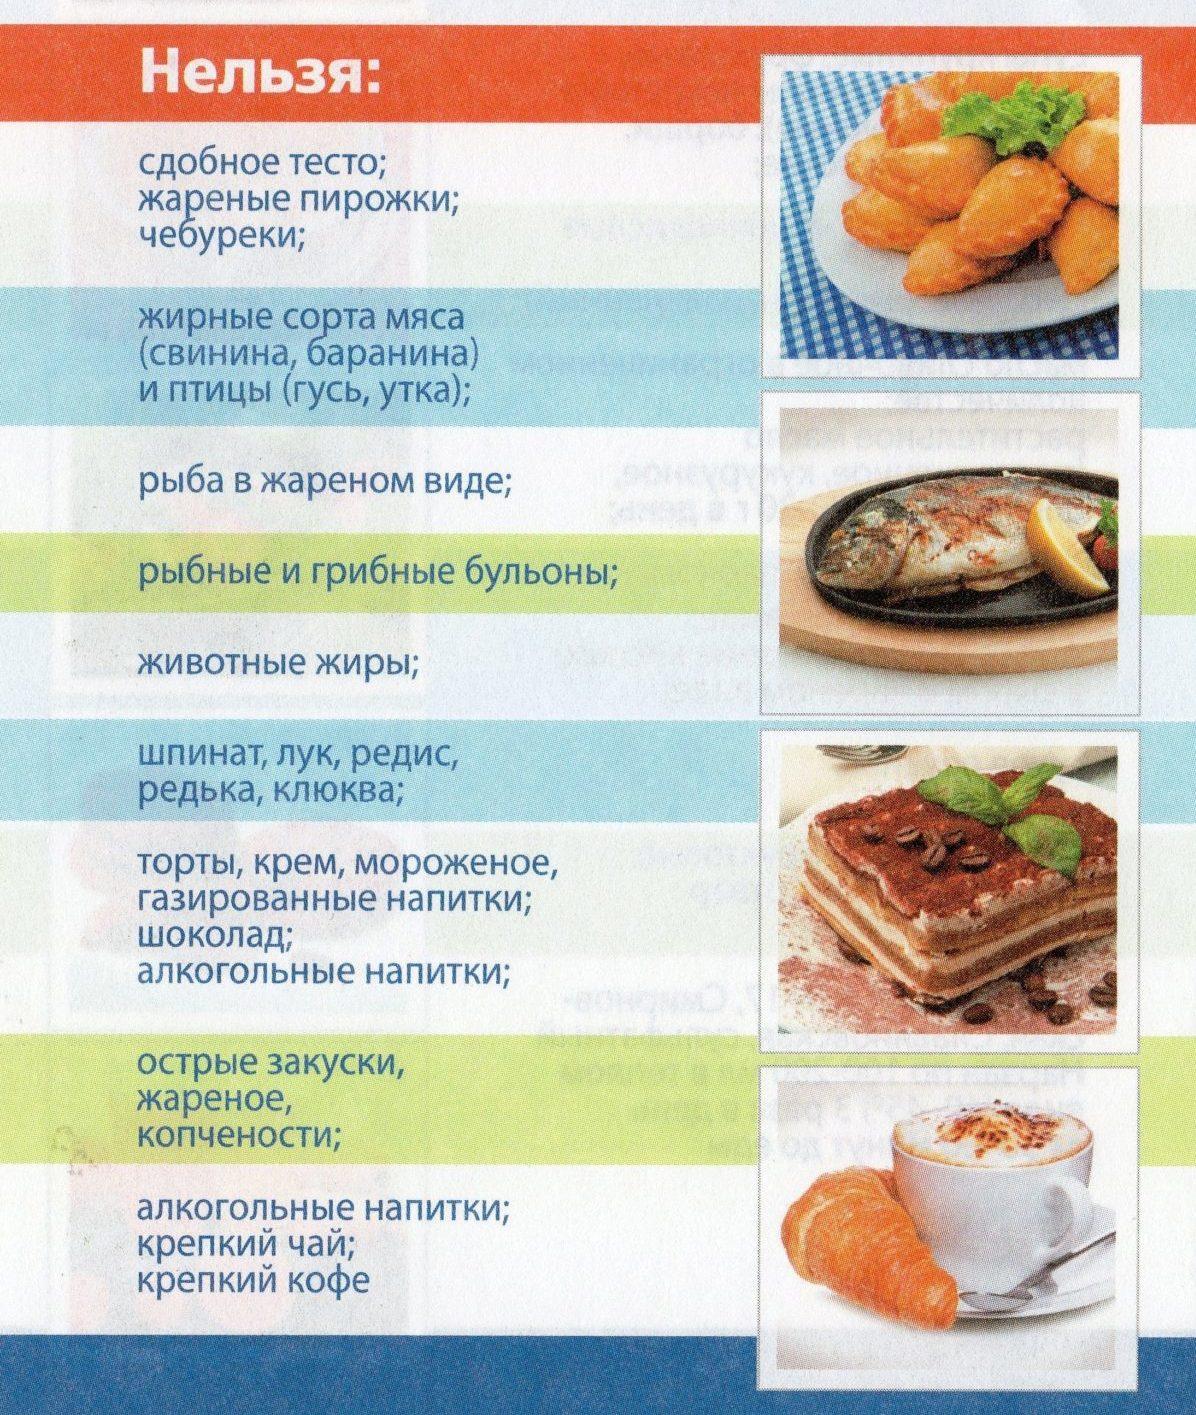 Какая диета для больных гепатитом